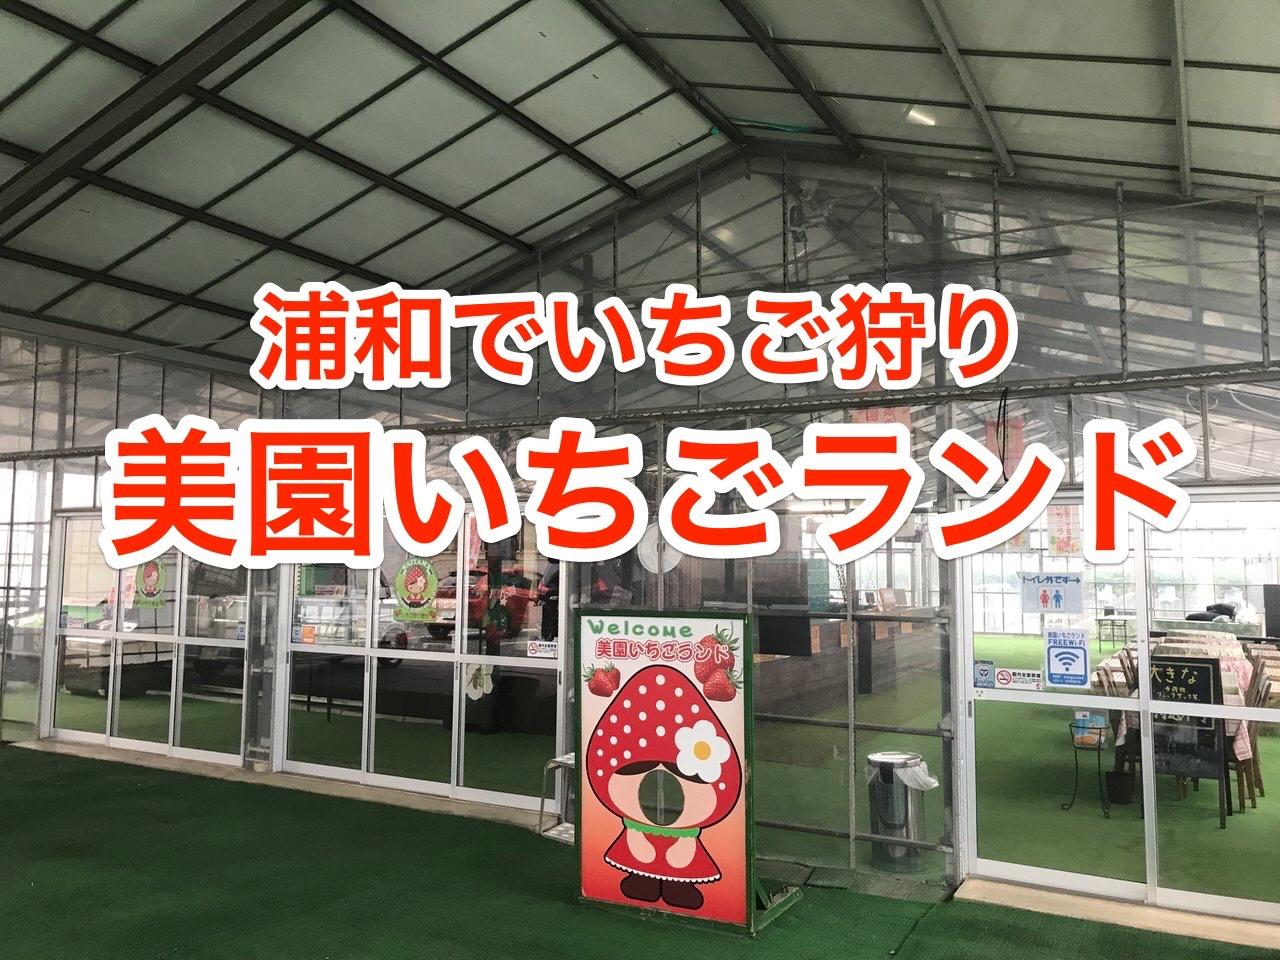 浦和でいちご狩り「美園いちごランド」レポート2019